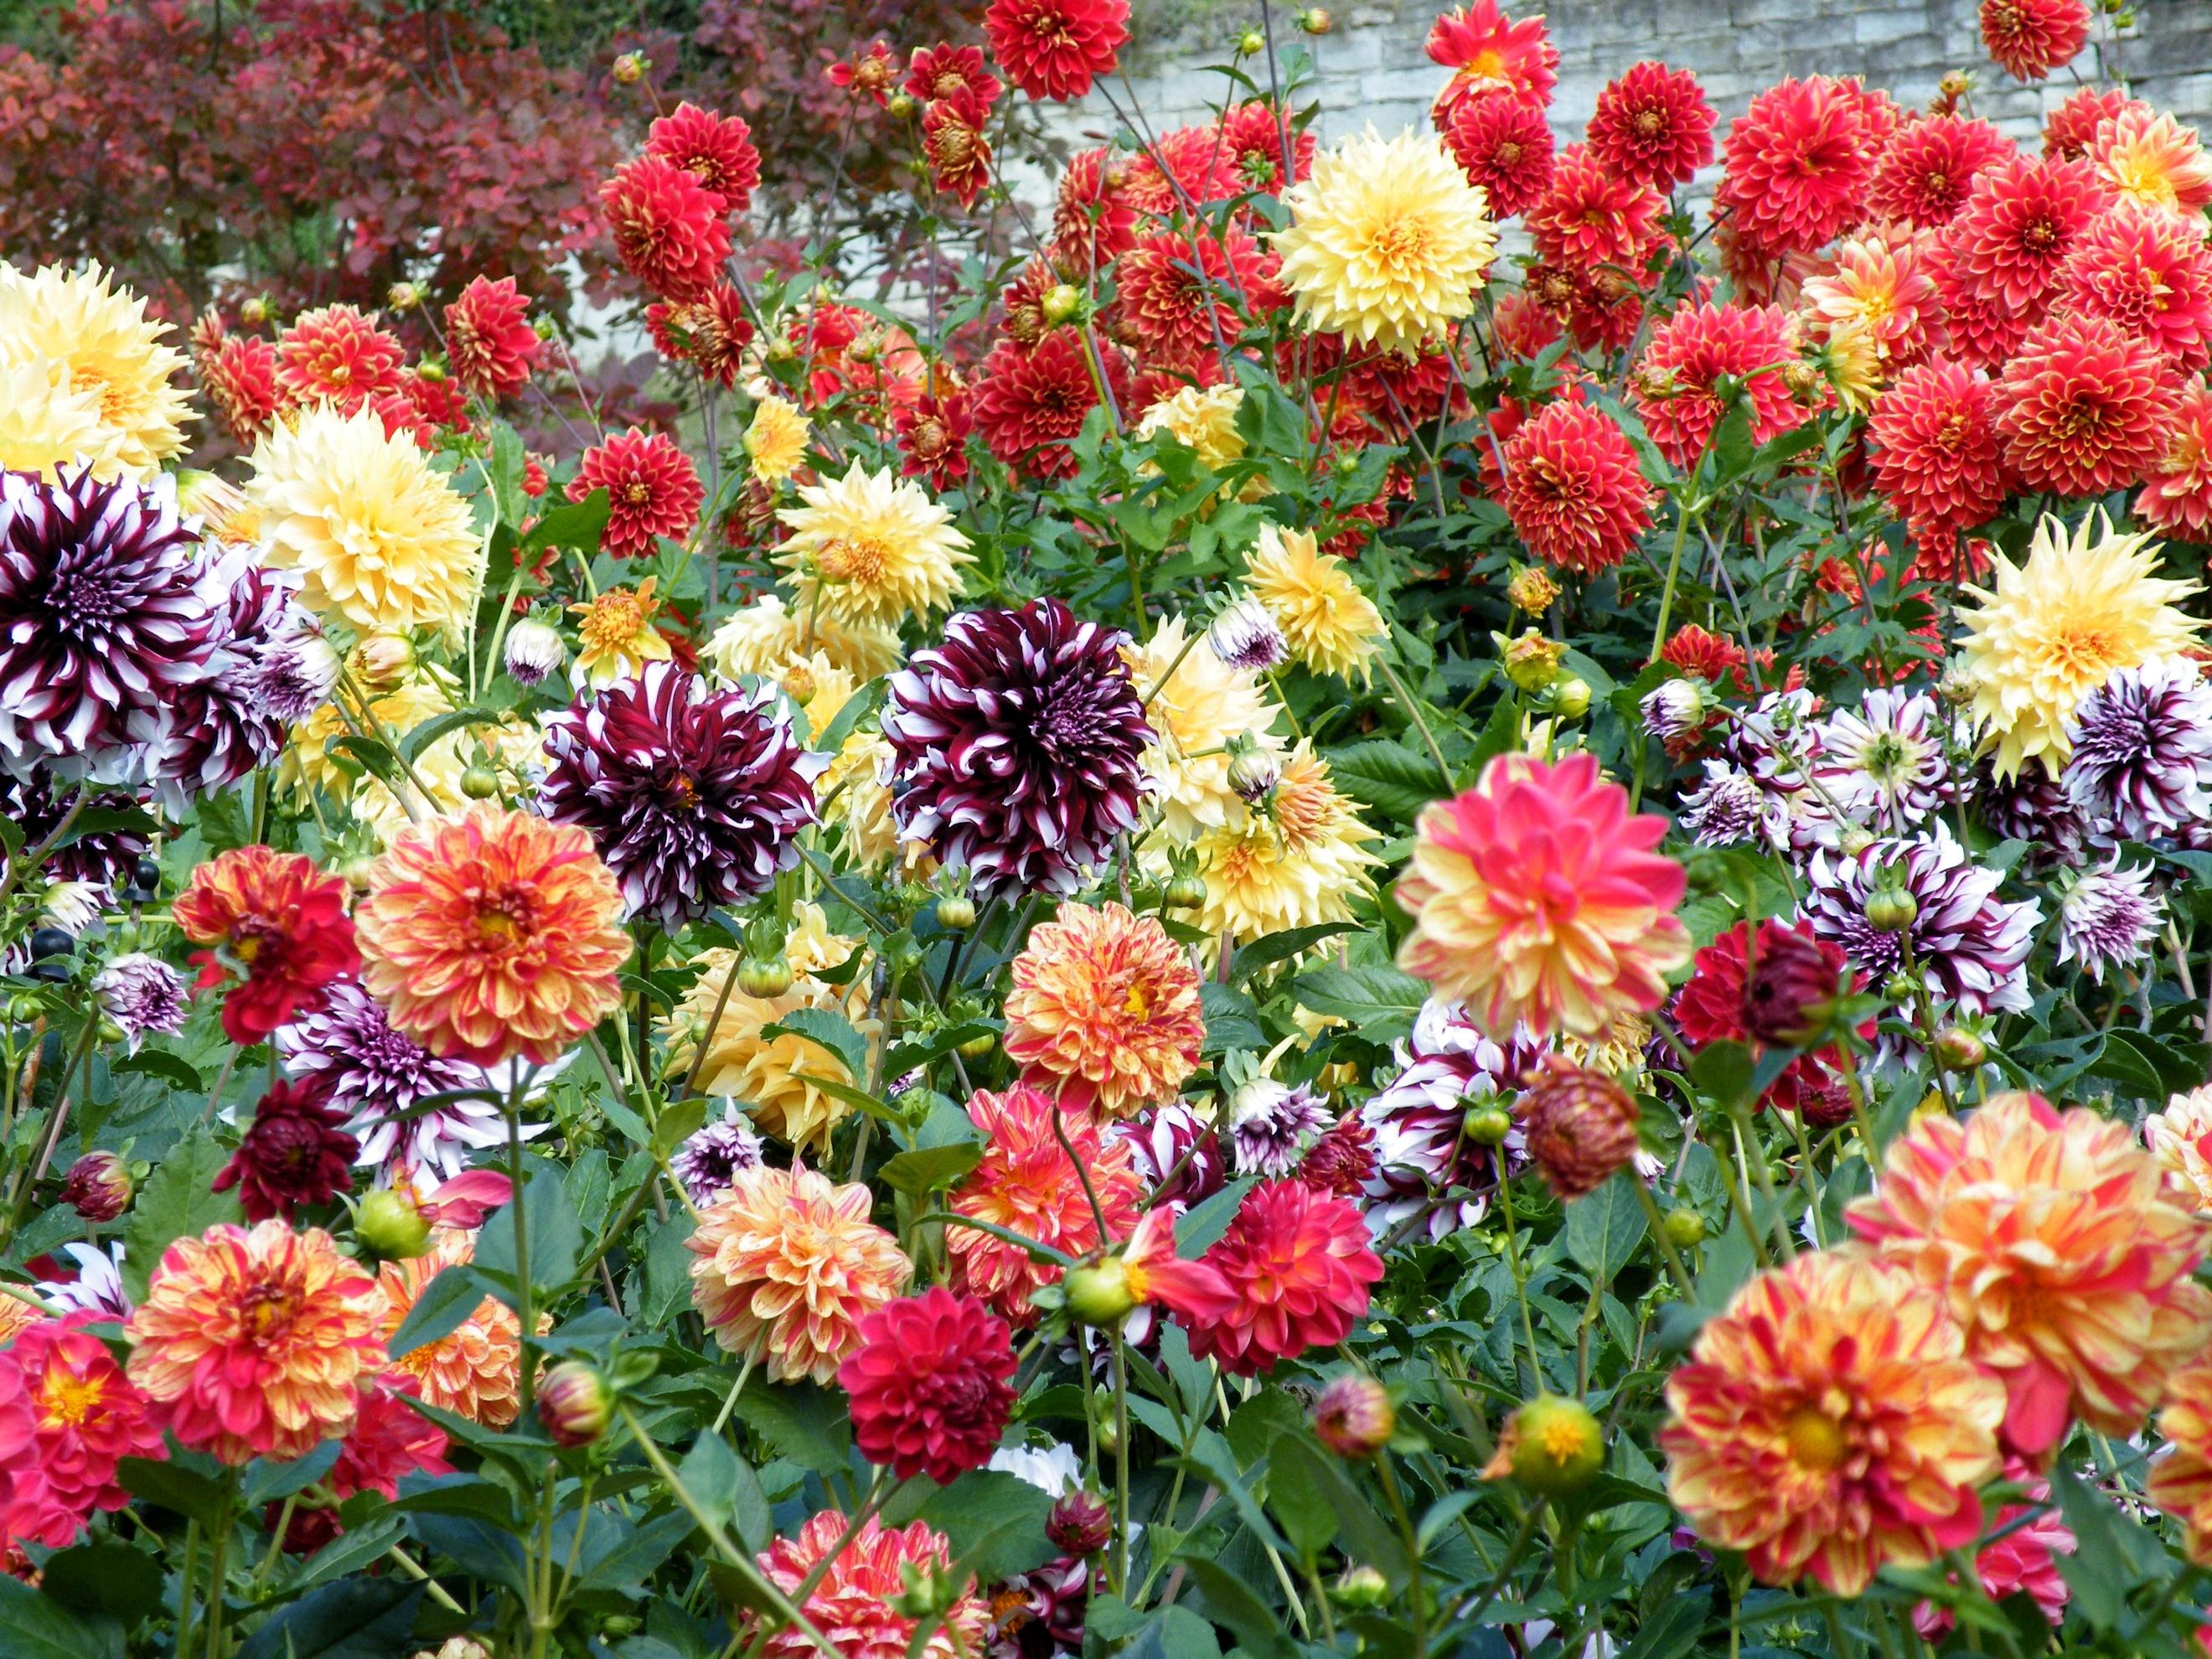 приема позволит георгин фото цветов в саду таком